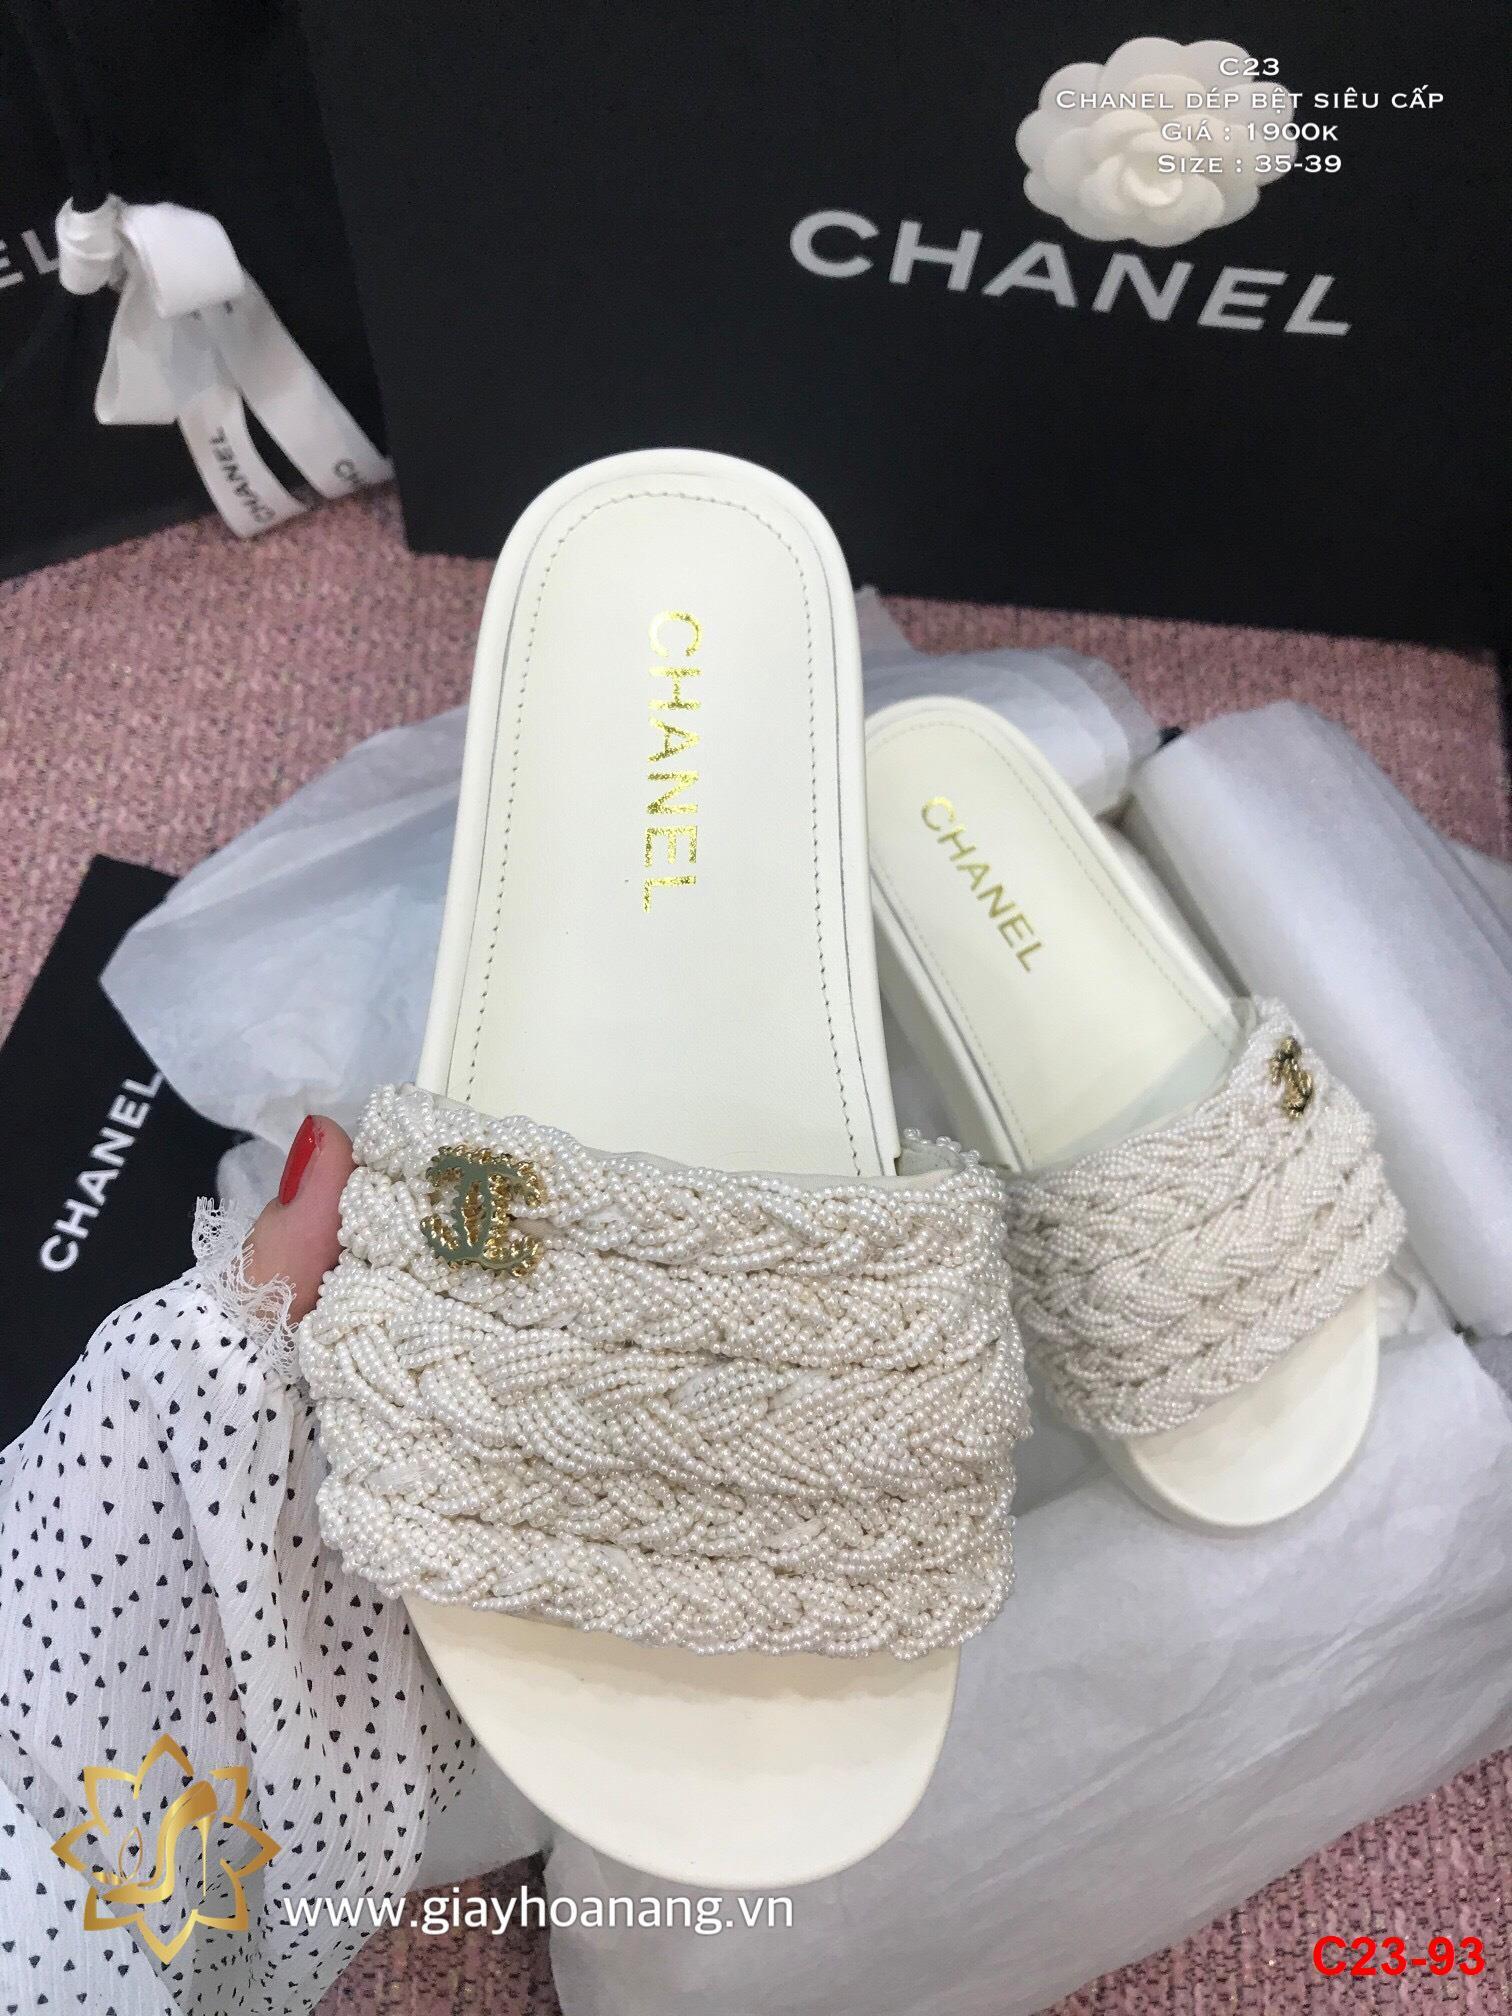 C23-93 Chanel dép bệt siêu cấp